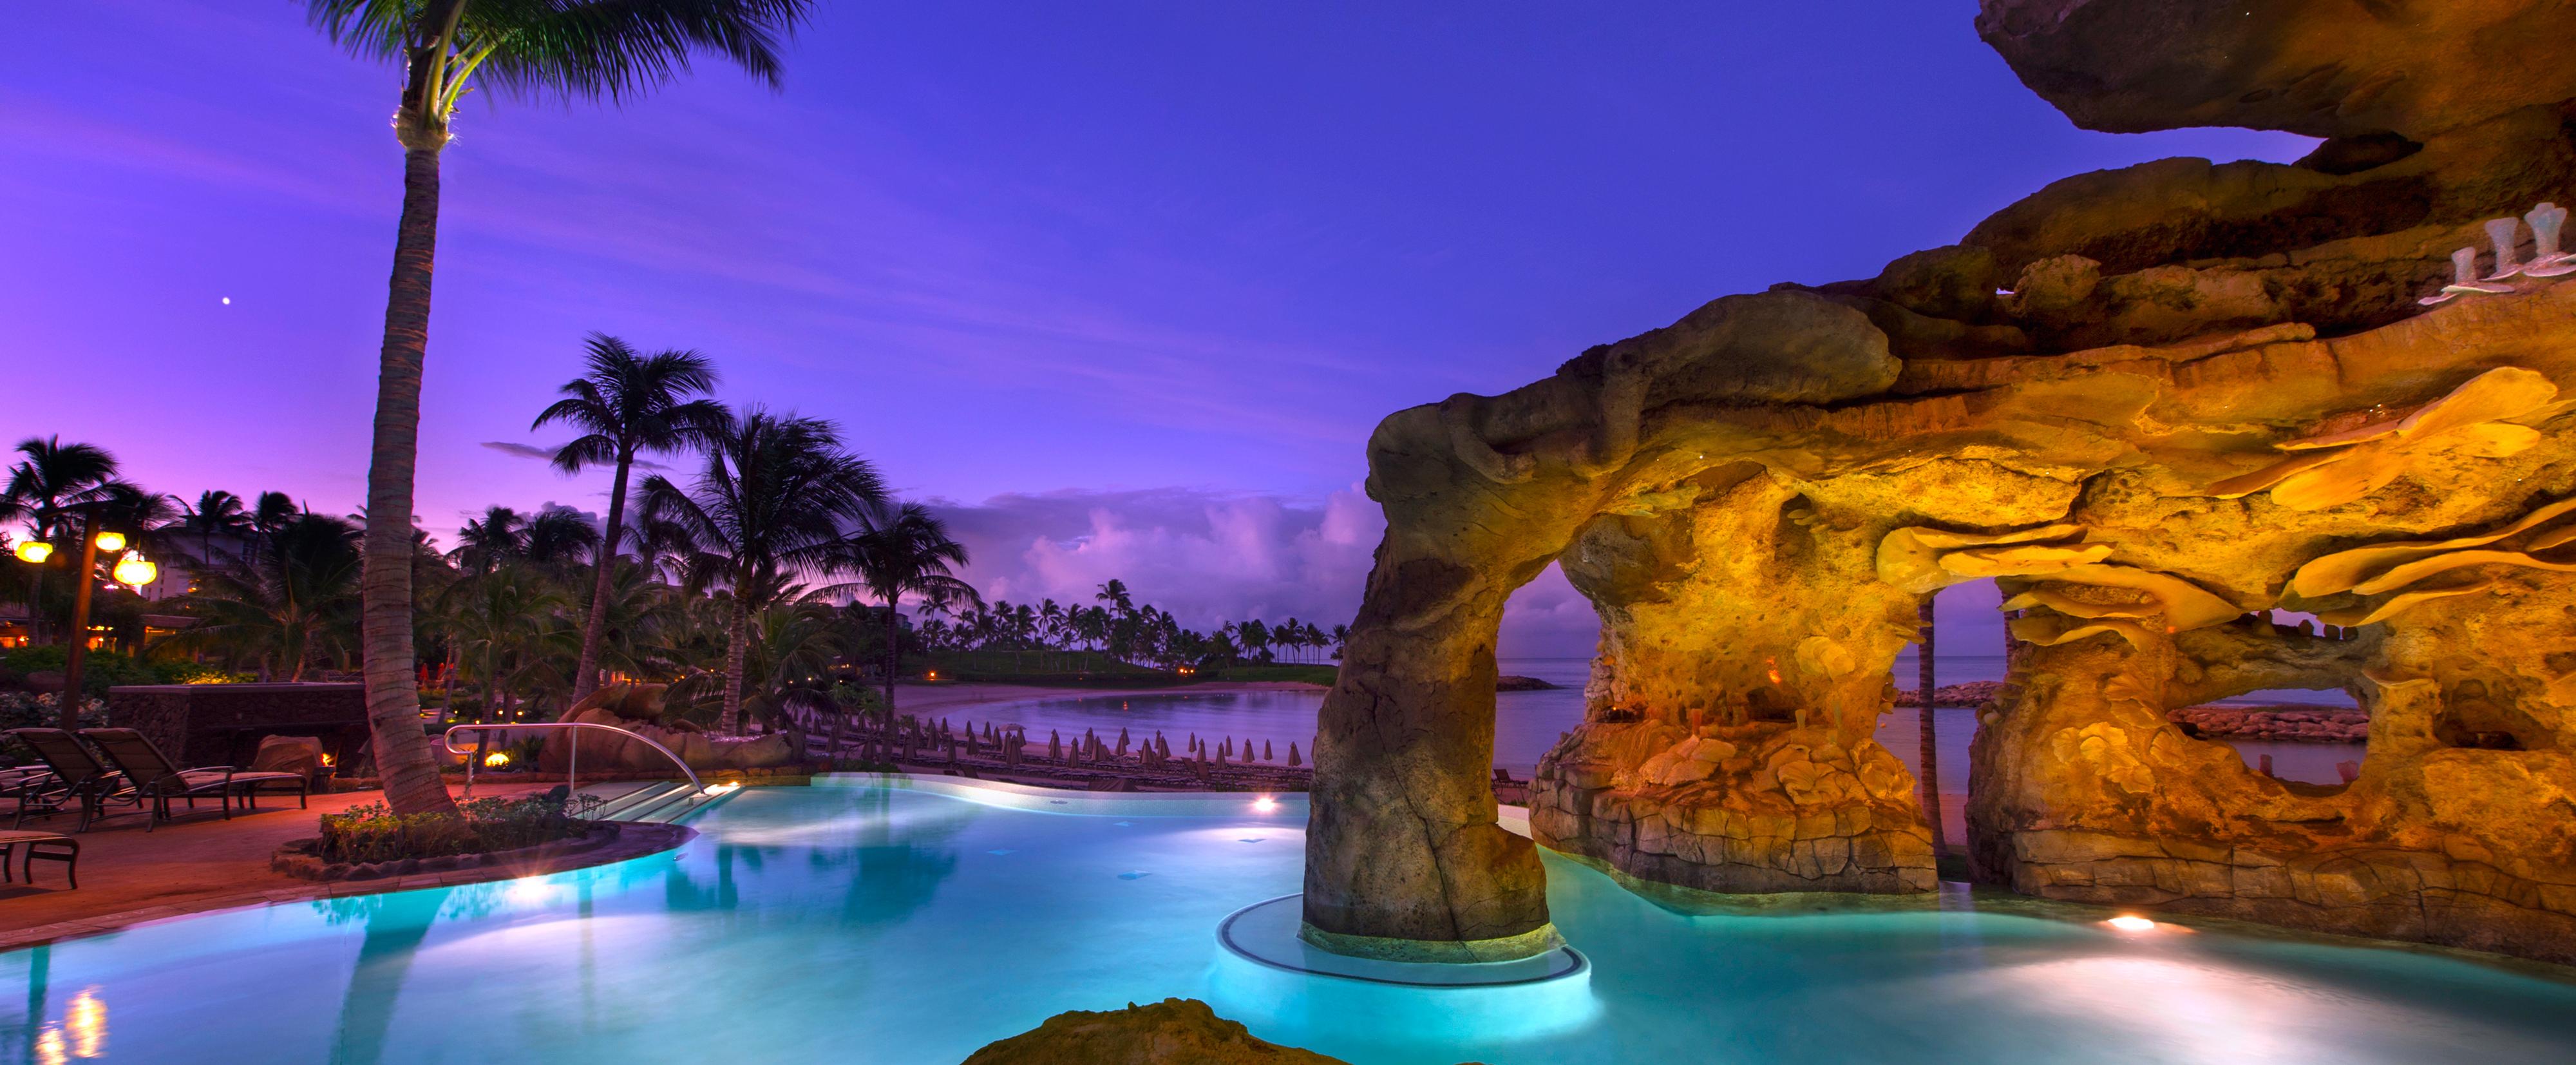 Ka Maka Grotto Infinity Pool Aulani Hawaii Resort Amp Spa